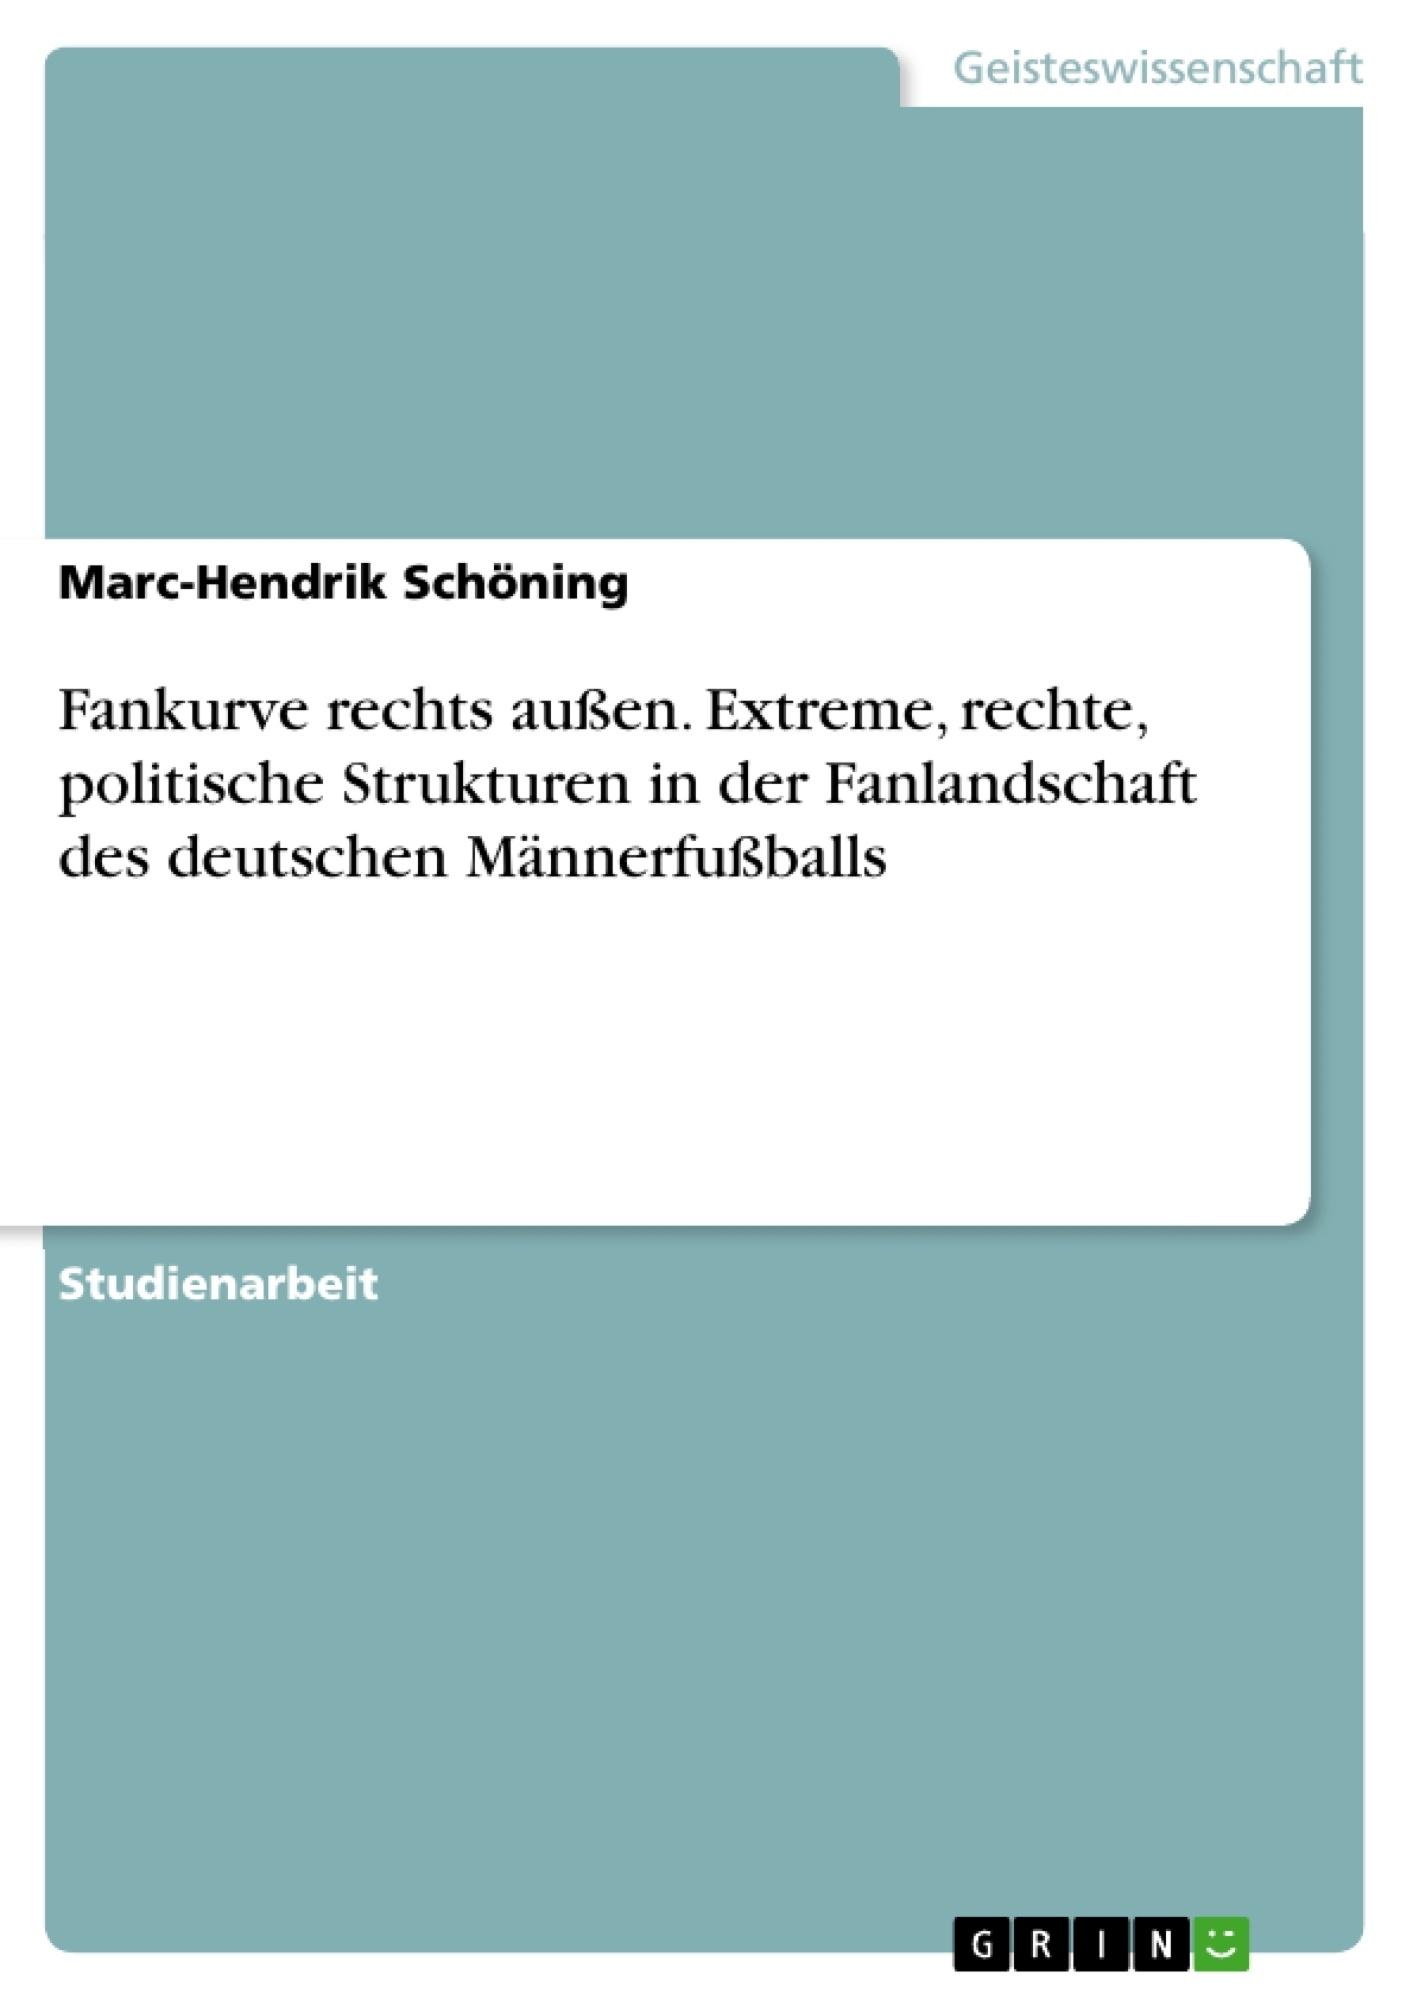 Titel: Fankurve rechts außen. Extreme, rechte, politische Strukturen in der Fanlandschaft des deutschen Männerfußballs